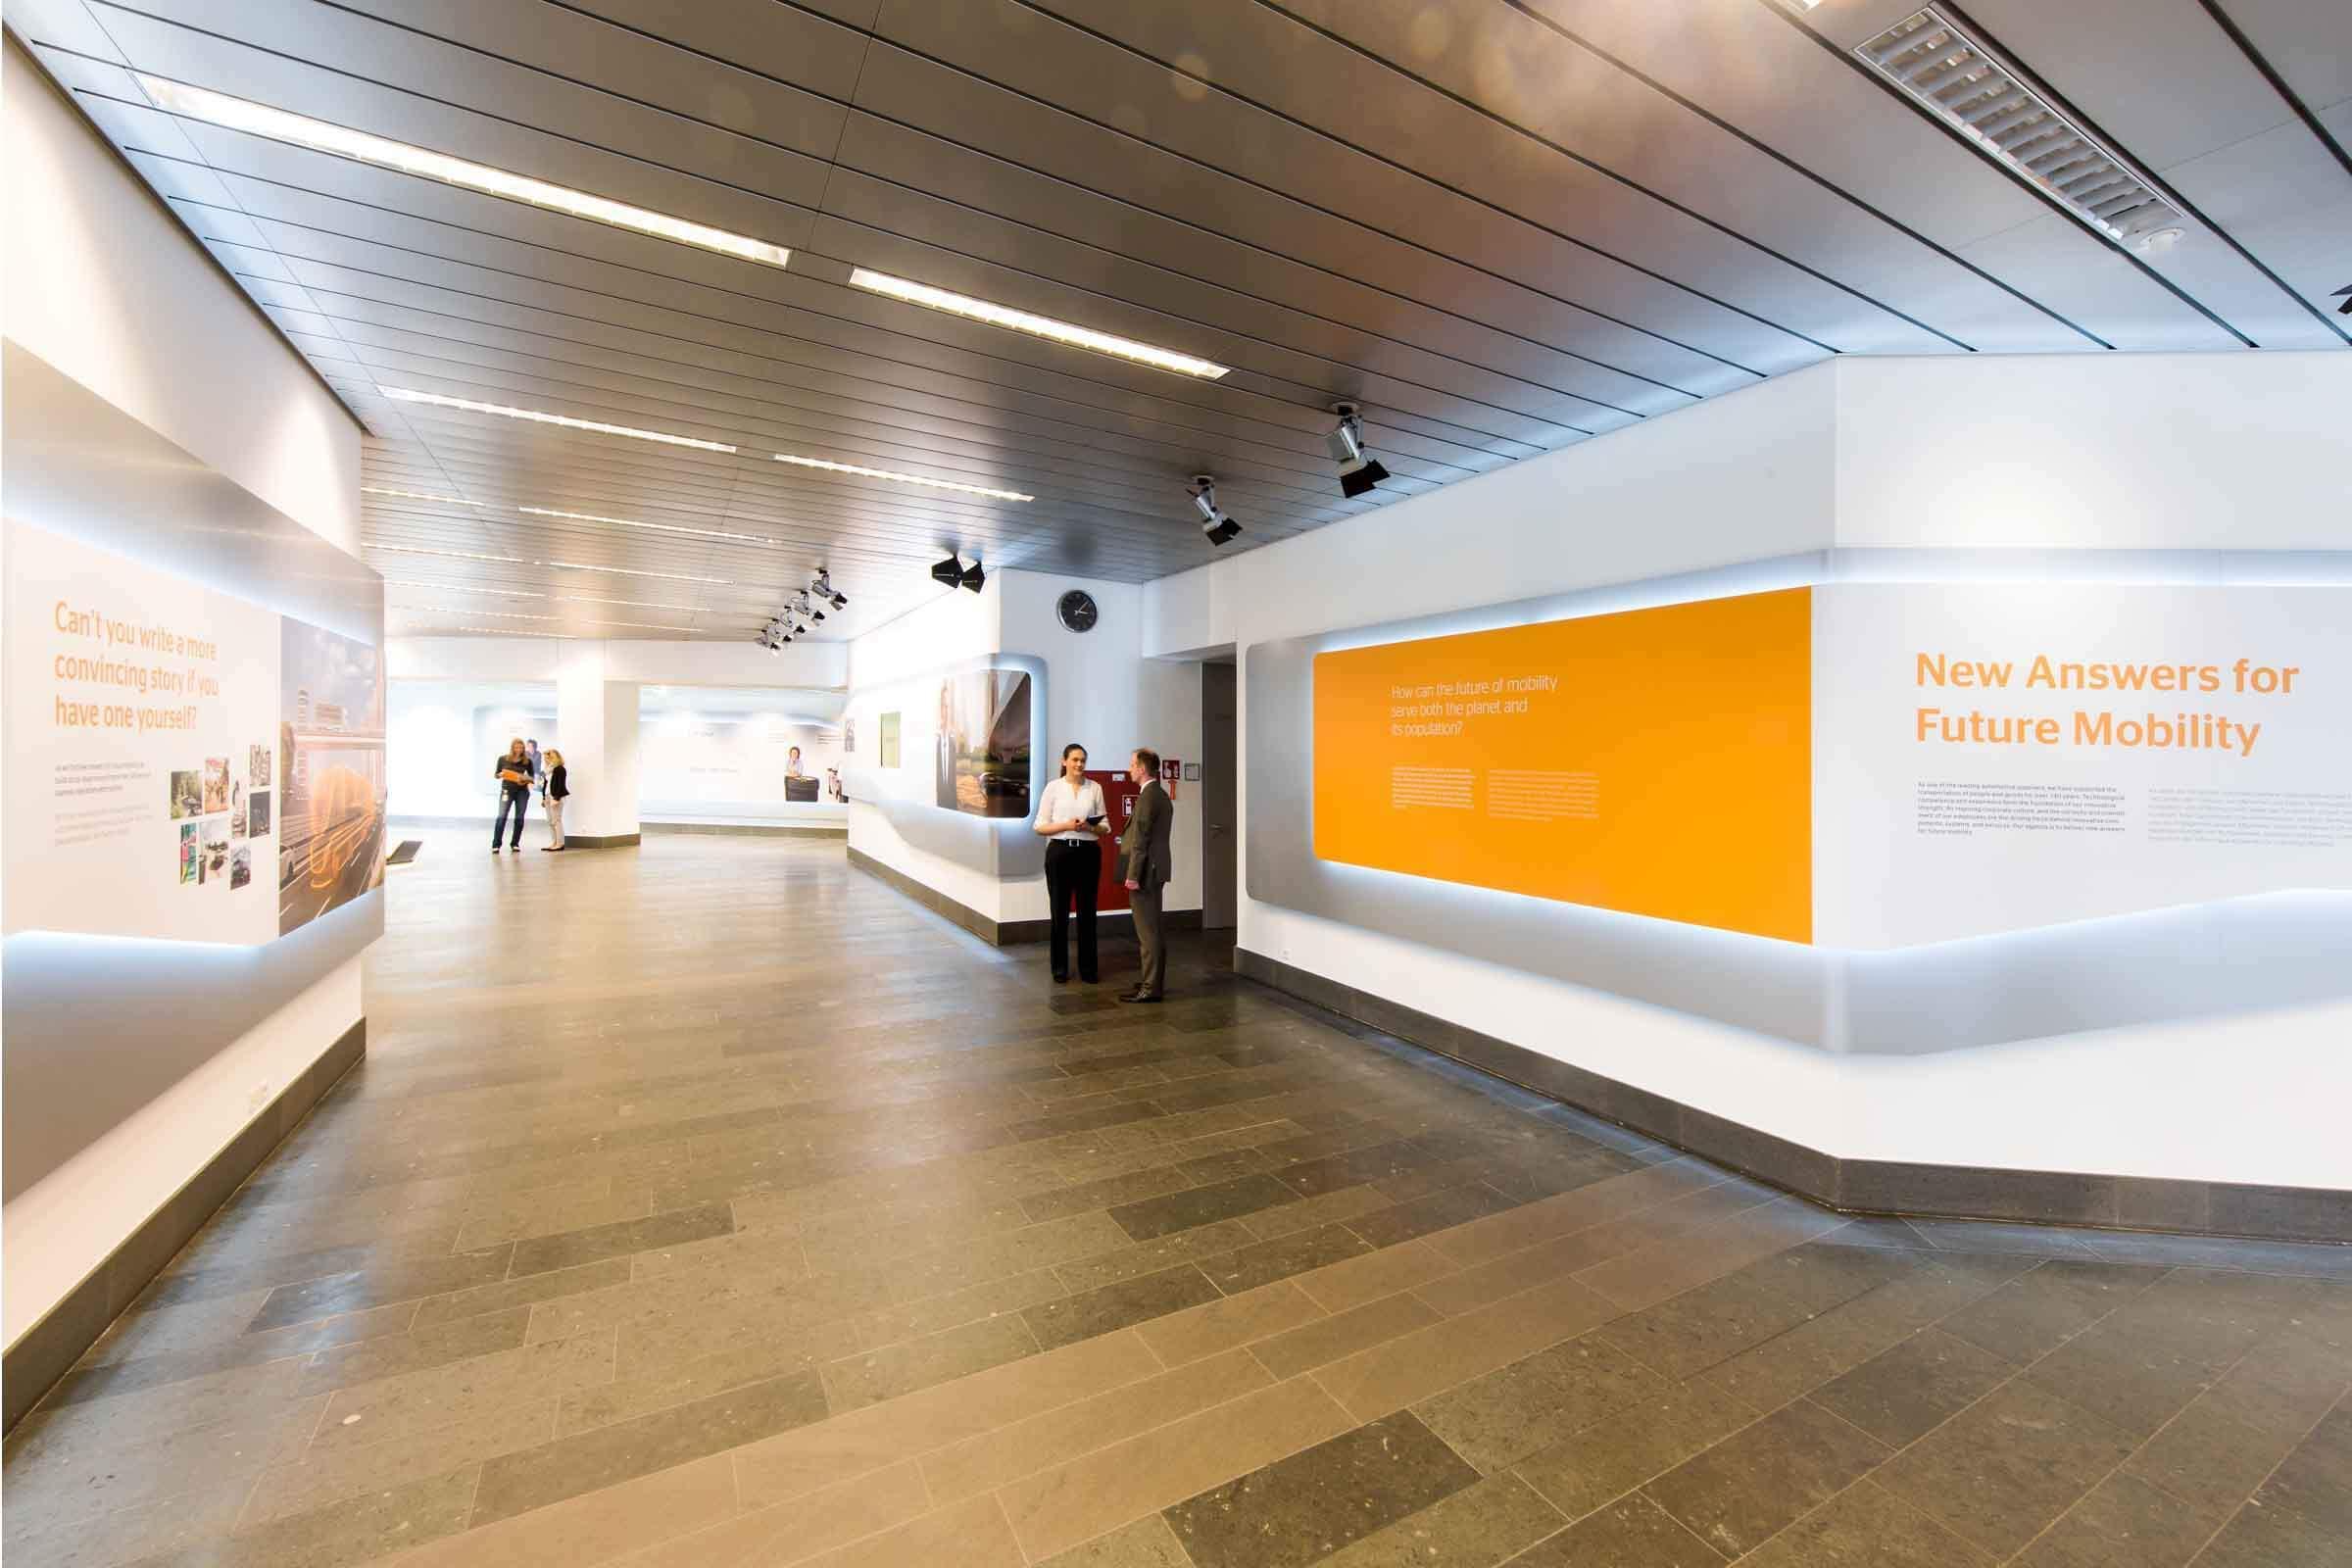 Office Design umgesetzt von Expomondo für den Freenet Campus